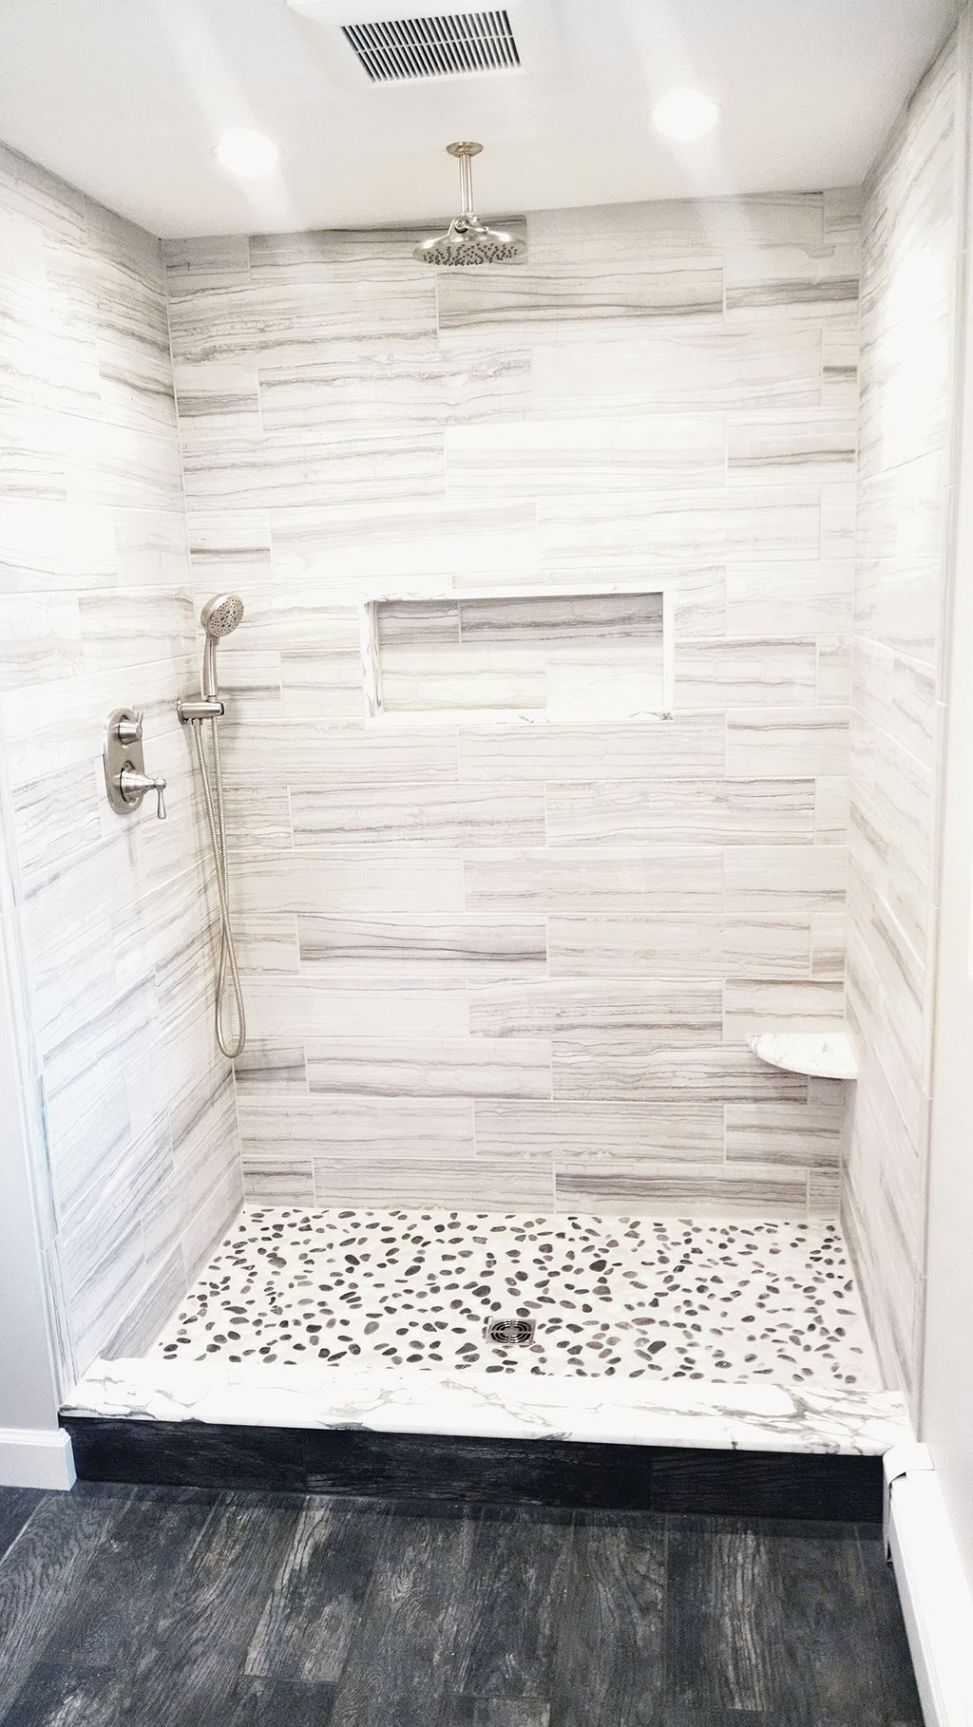 40 Pebble Tile Bathroom Ideas 31 | Tile | Pinterest | Pebble tiles ...